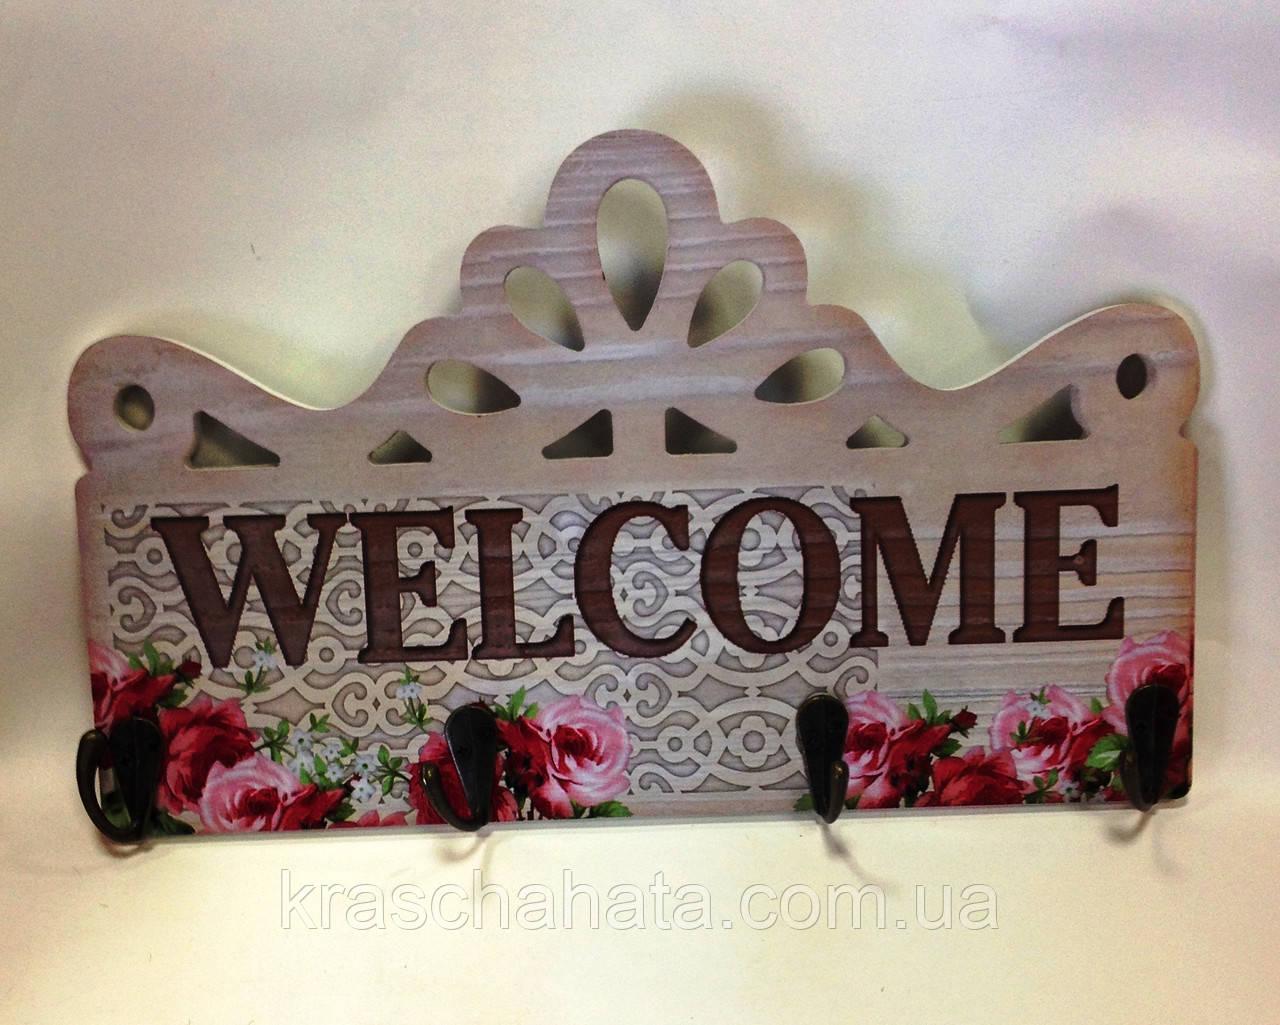 Интерьерная табличка, Welcome, Прованс, 4 крючка, Декор для дома, Днепропетровск